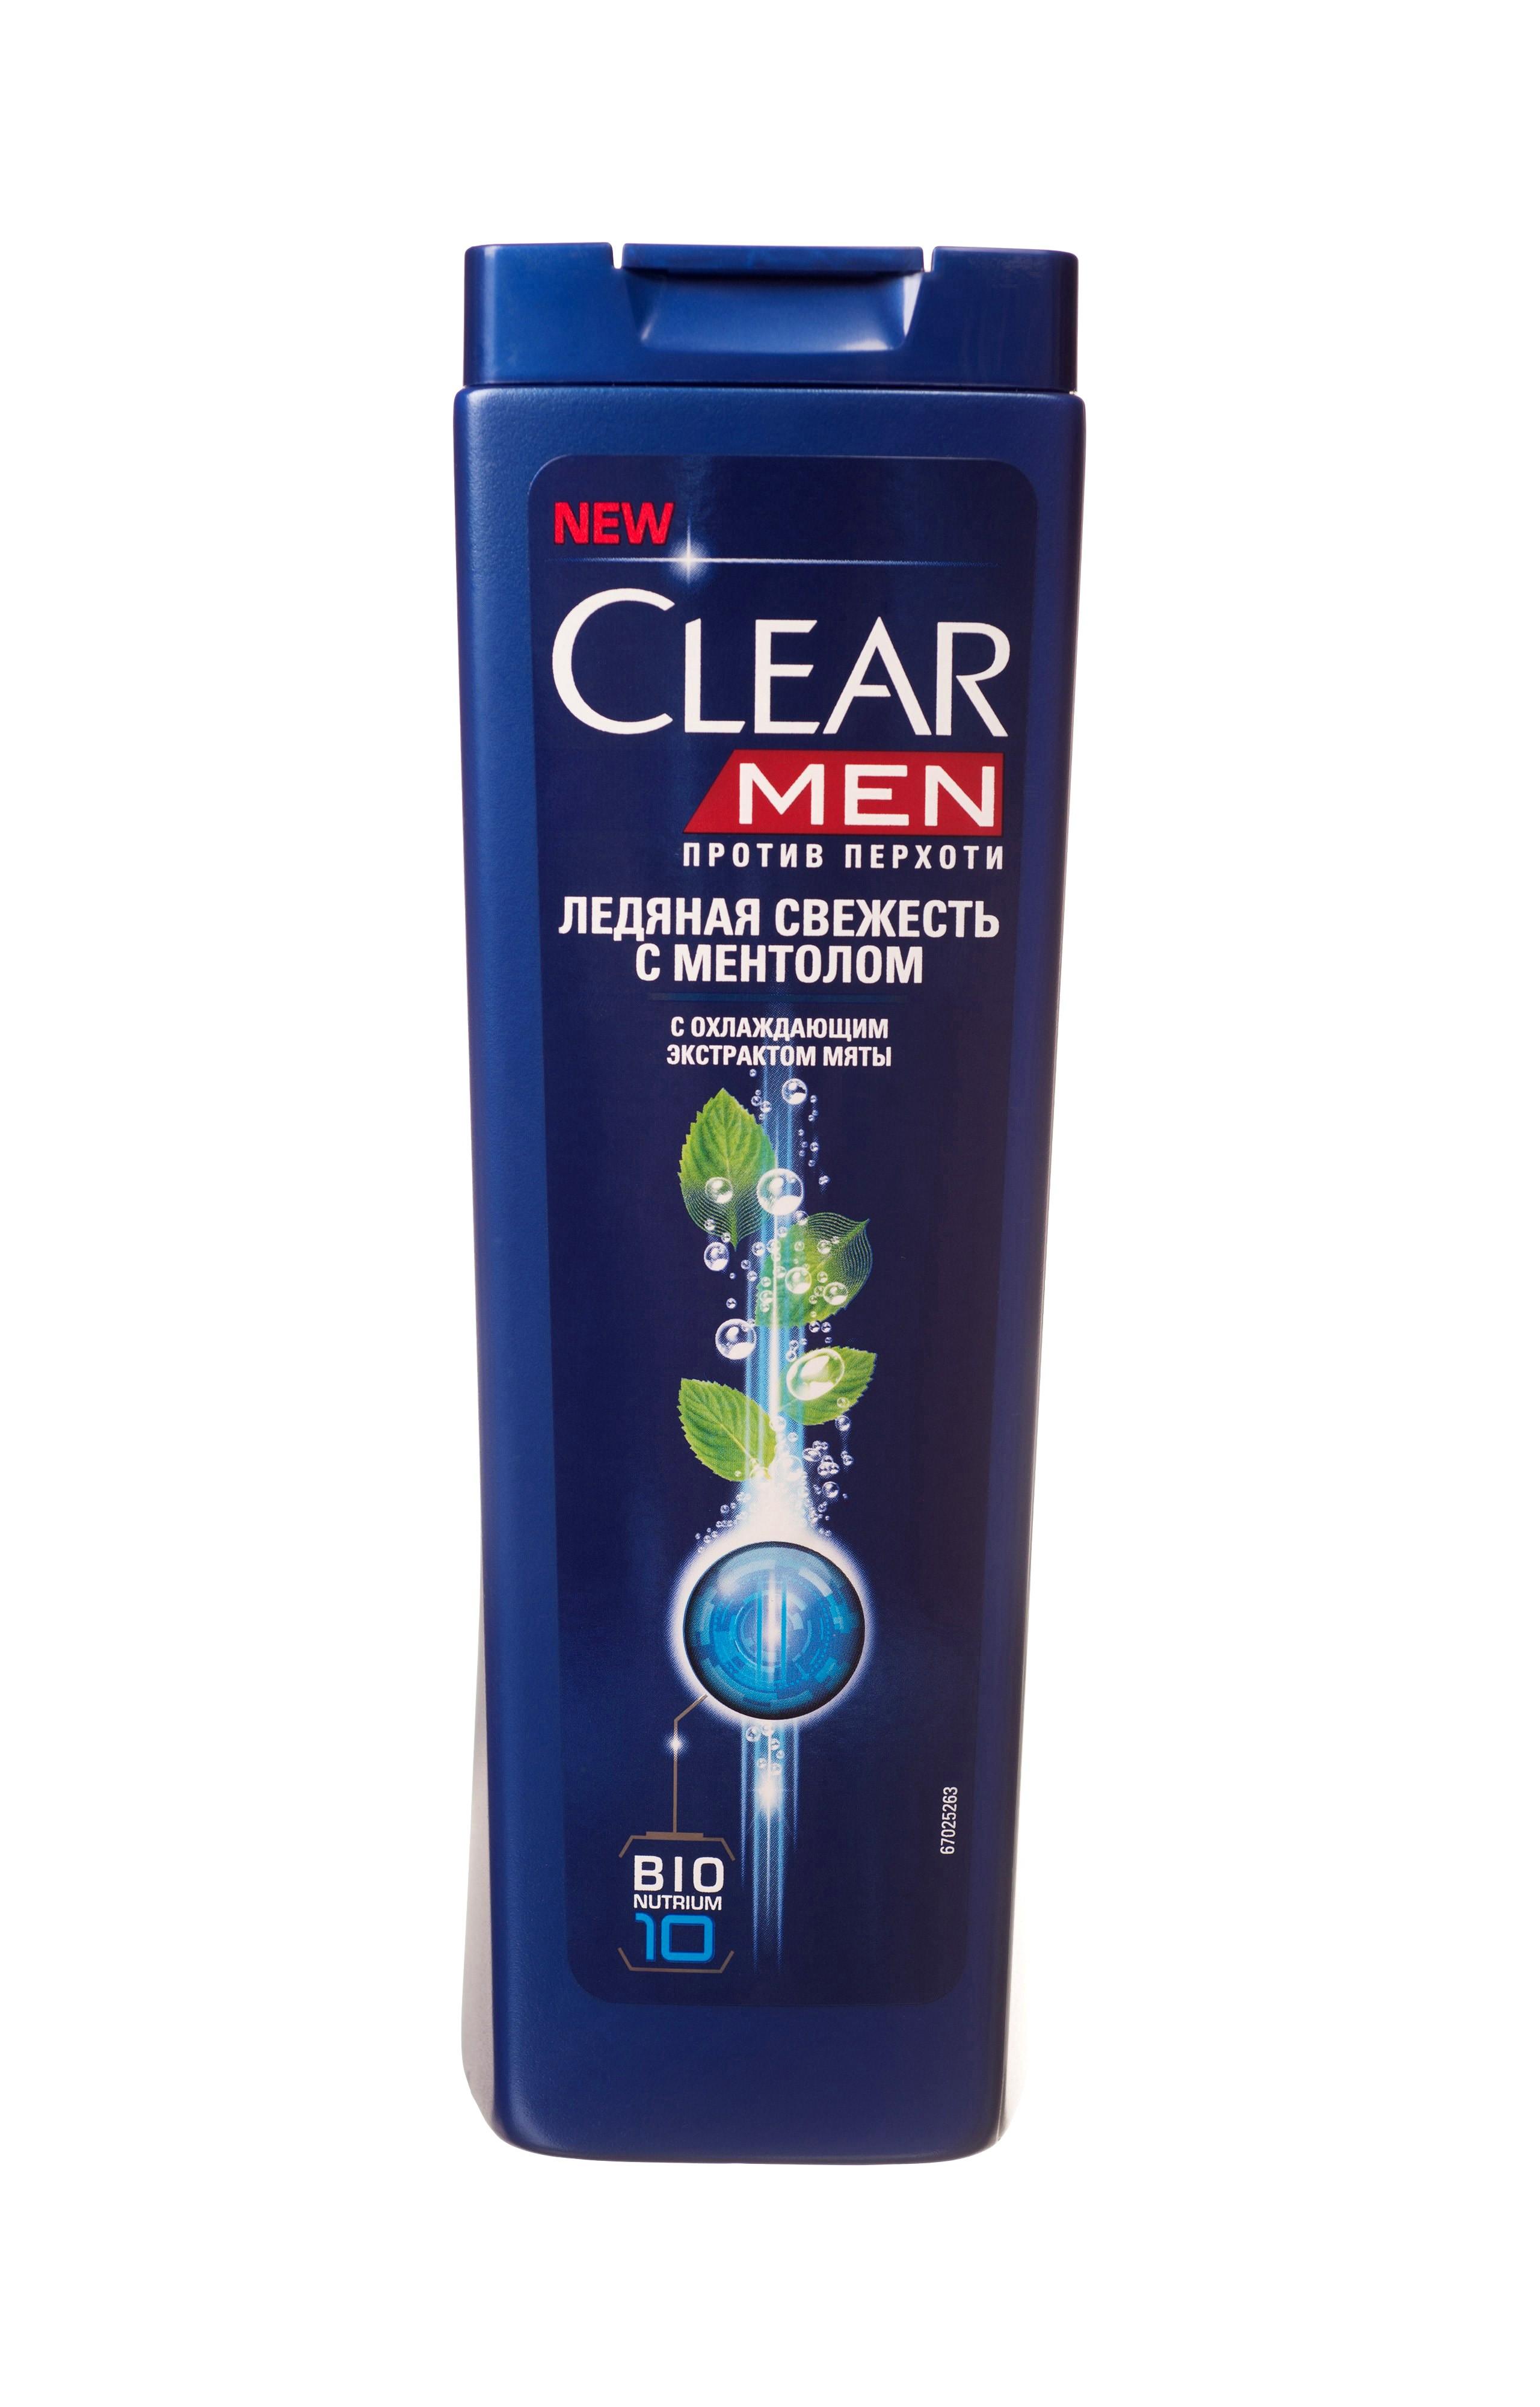 Clear Men Шампунь против перхоти Ледяная свежесть с ментолом 400 млSatin Hair 7 BR730MNСозданный специально для мужчин Шампунь Ледяная свежесть с ментолом и эвкалиптом обеспечивает двойное действие: унимает зуд и смягчает раздражение. Комплекс Nutrium 10, входящий в состав шампуня — это насыщенная смесь 10 питательных веществ и растительных активных компонентов. При регулярном применении он активирует естественный защитный слой против перхоти кожи головы, позволяя вам гарантированно защищаться от перхоти.